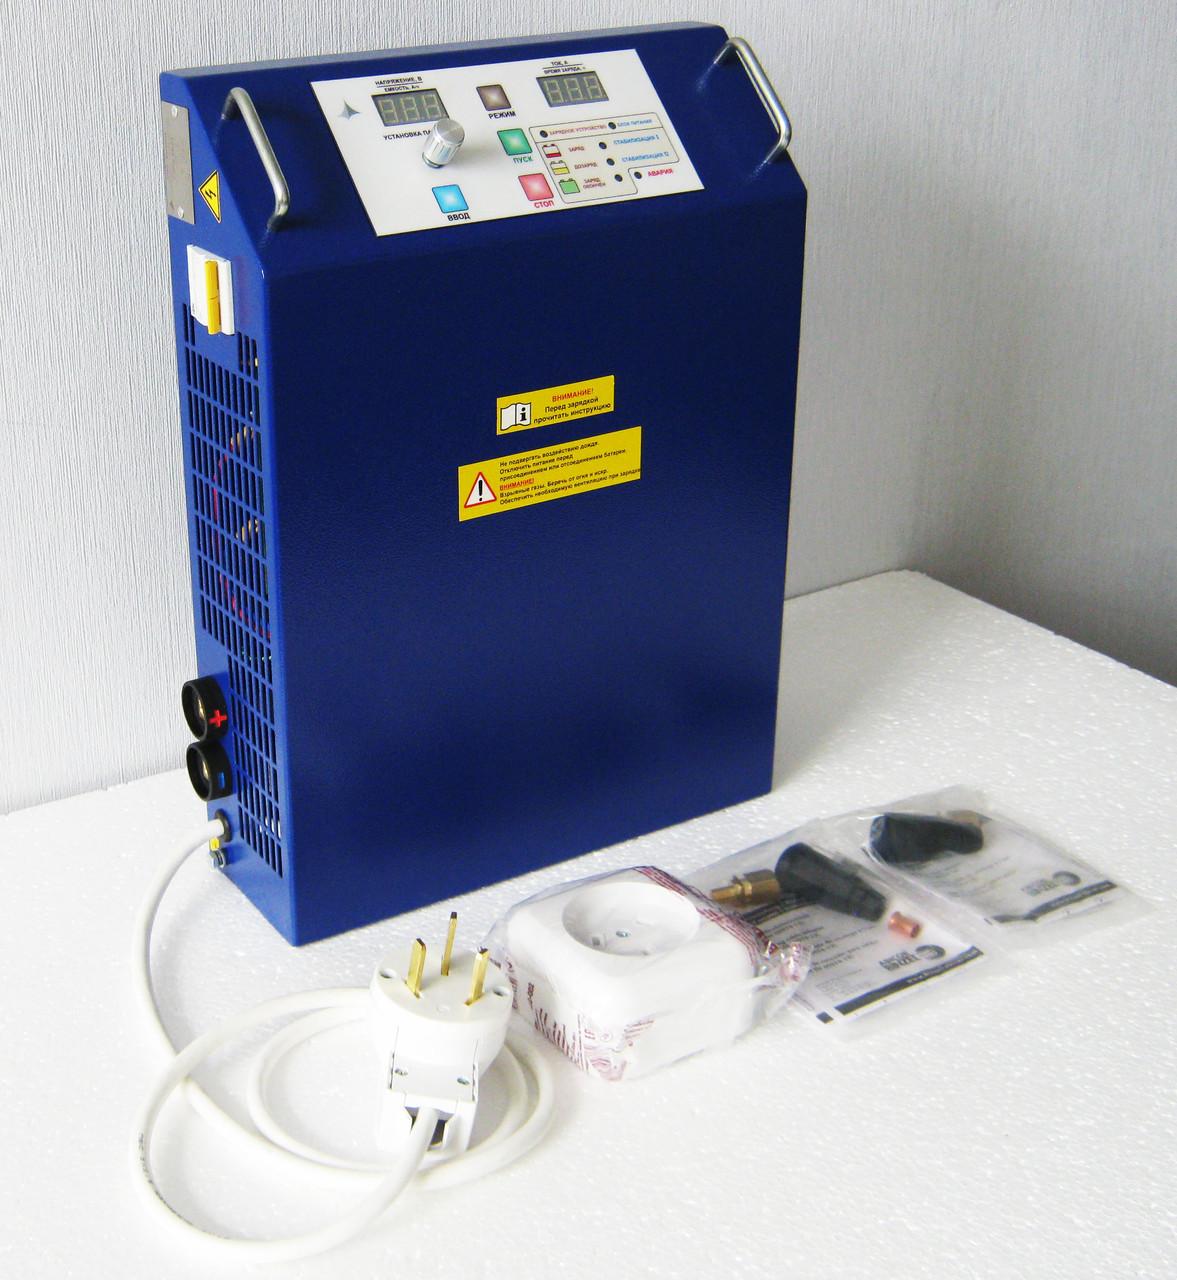 Зарядное устройство УЗПС 48-65 (12-48В/65А) для тяговых аккумуляторов